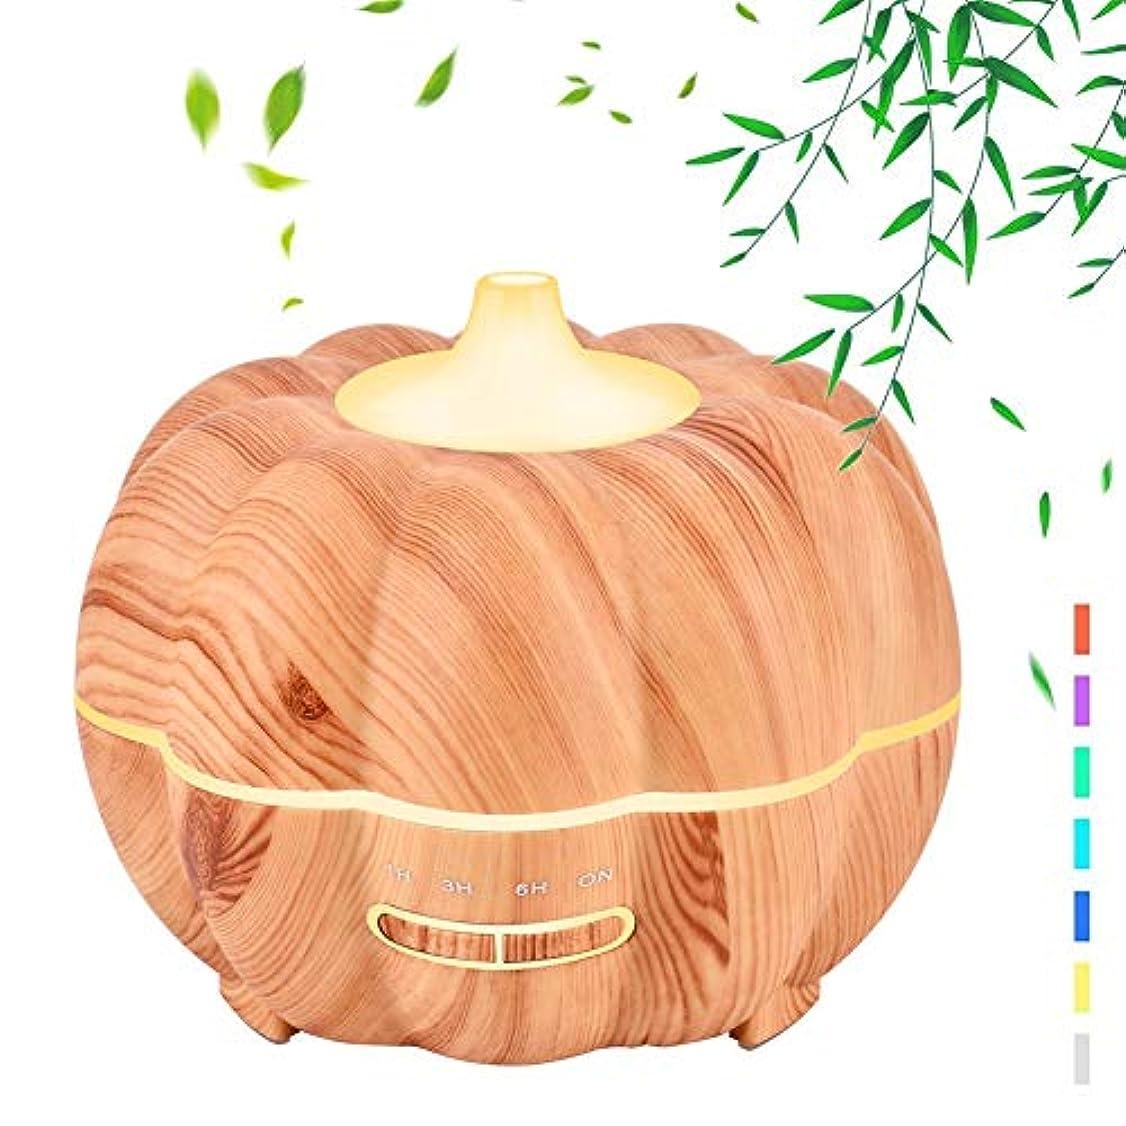 姿勢郵便局月300ミリリットル木材穀物エッセンシャルオイルディフューザー、加湿器超音波アロマセラピーアロマセラピーディフューザー加湿器、静かな操作、7色フレグランスランプ、ホームオフィス用ヨガスパ,Lightwoodgrain